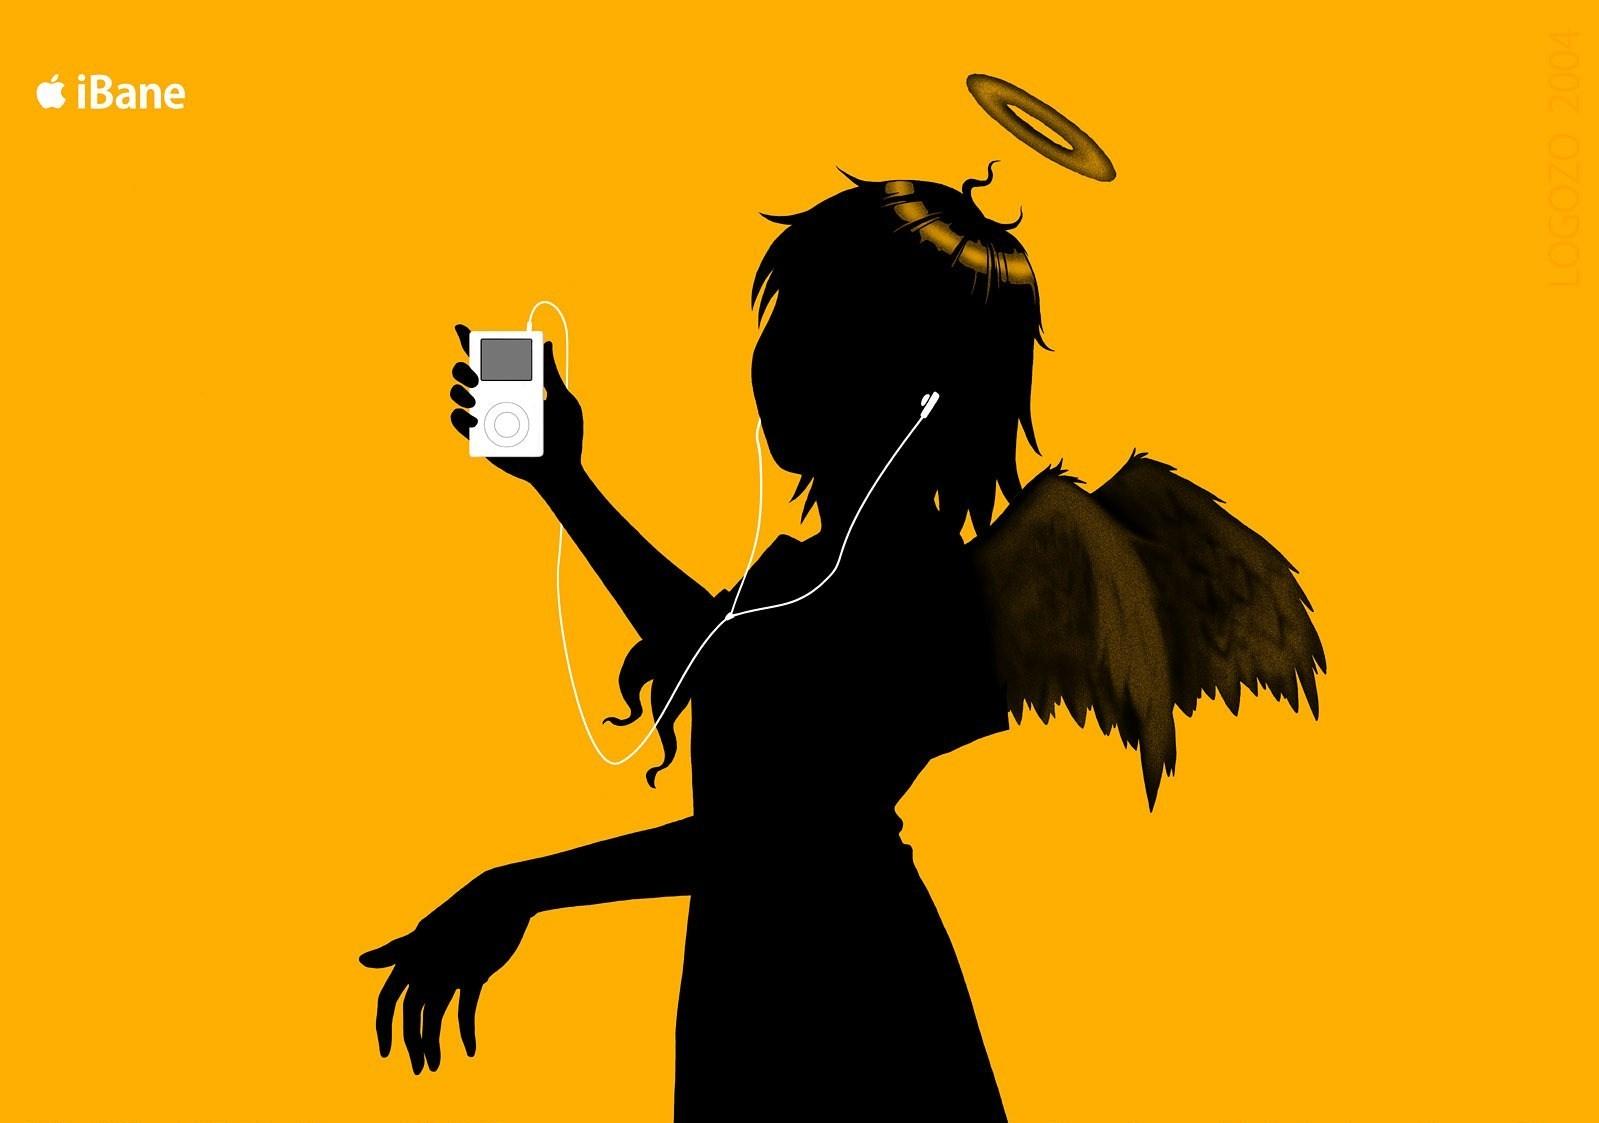 デスクトップ壁紙 図 シルエット 漫画 Ipod オレンジ色の背景